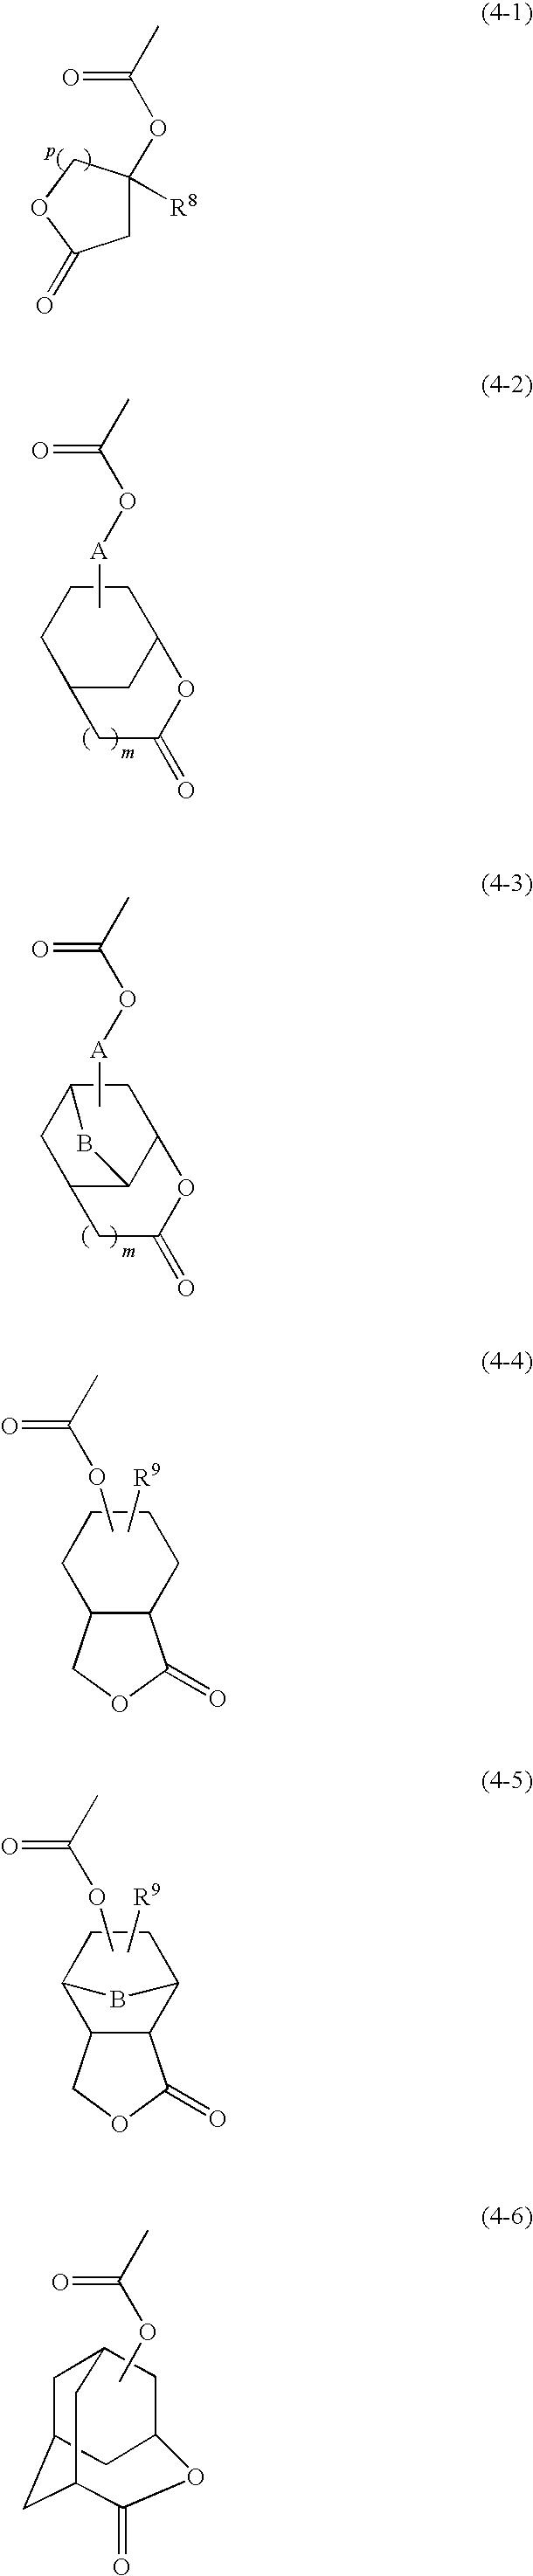 Figure US20100068650A1-20100318-C00058